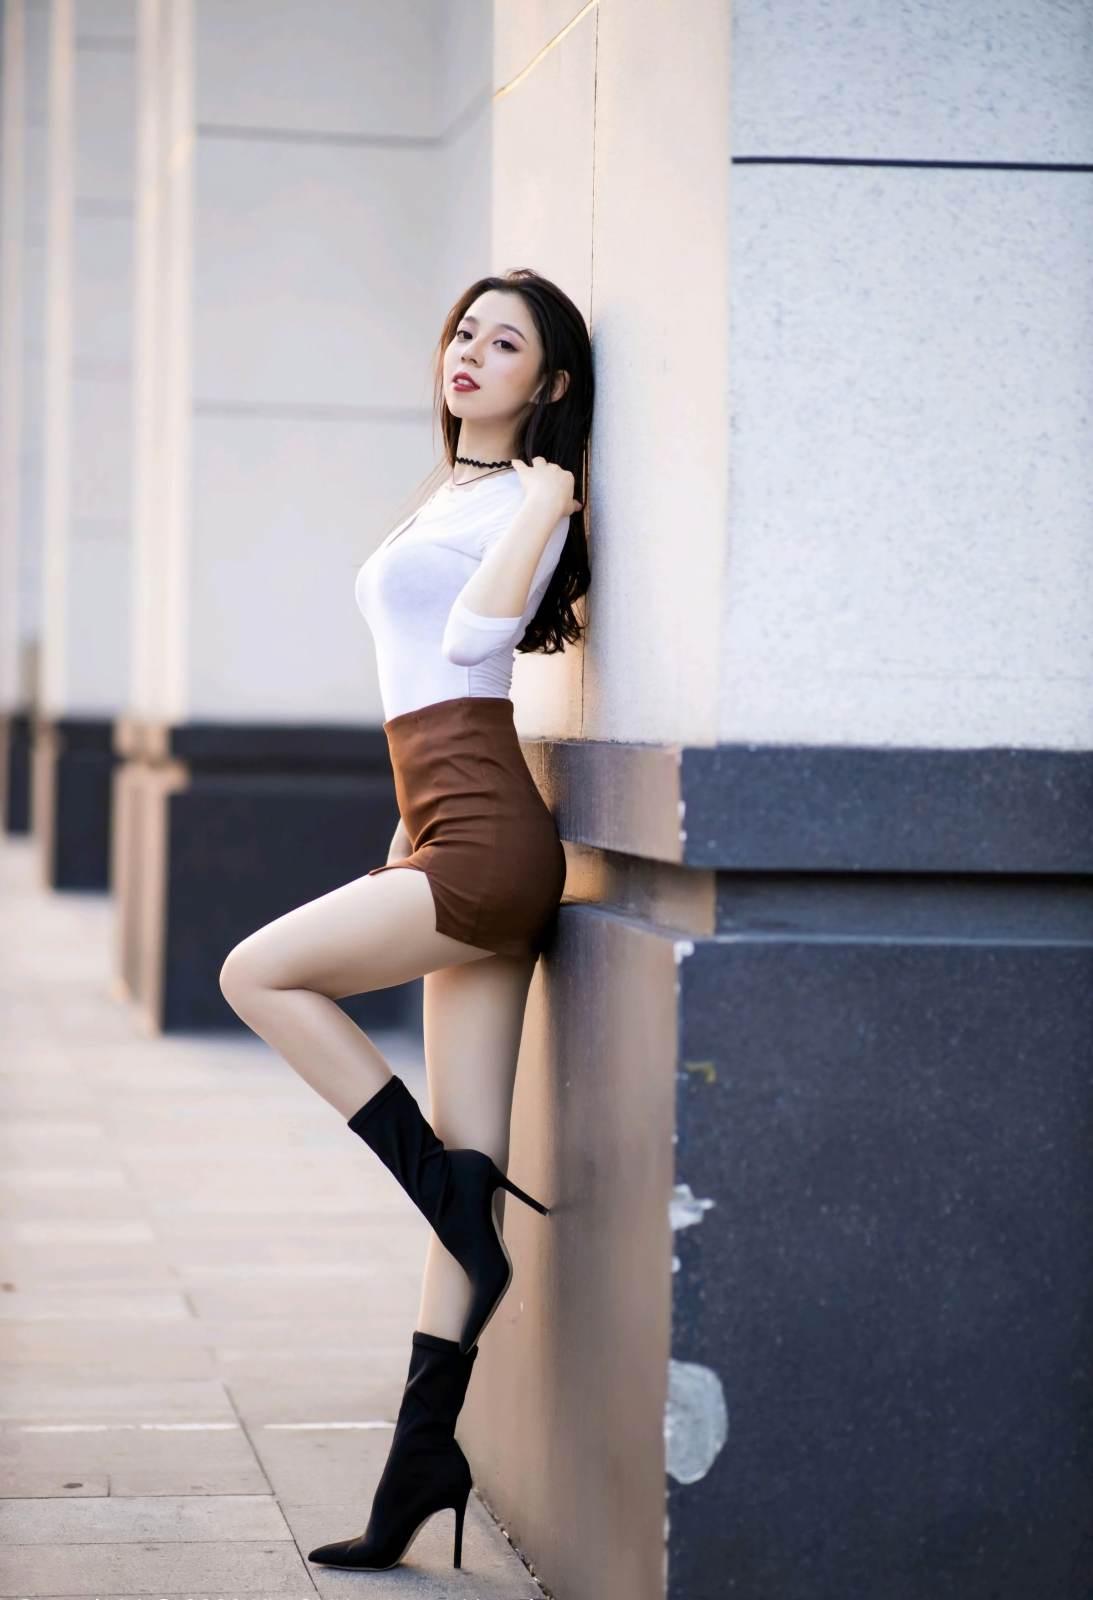 第226期花容月貌美如画言沫(高跟,丝袜,肉丝,短裙)_图片2